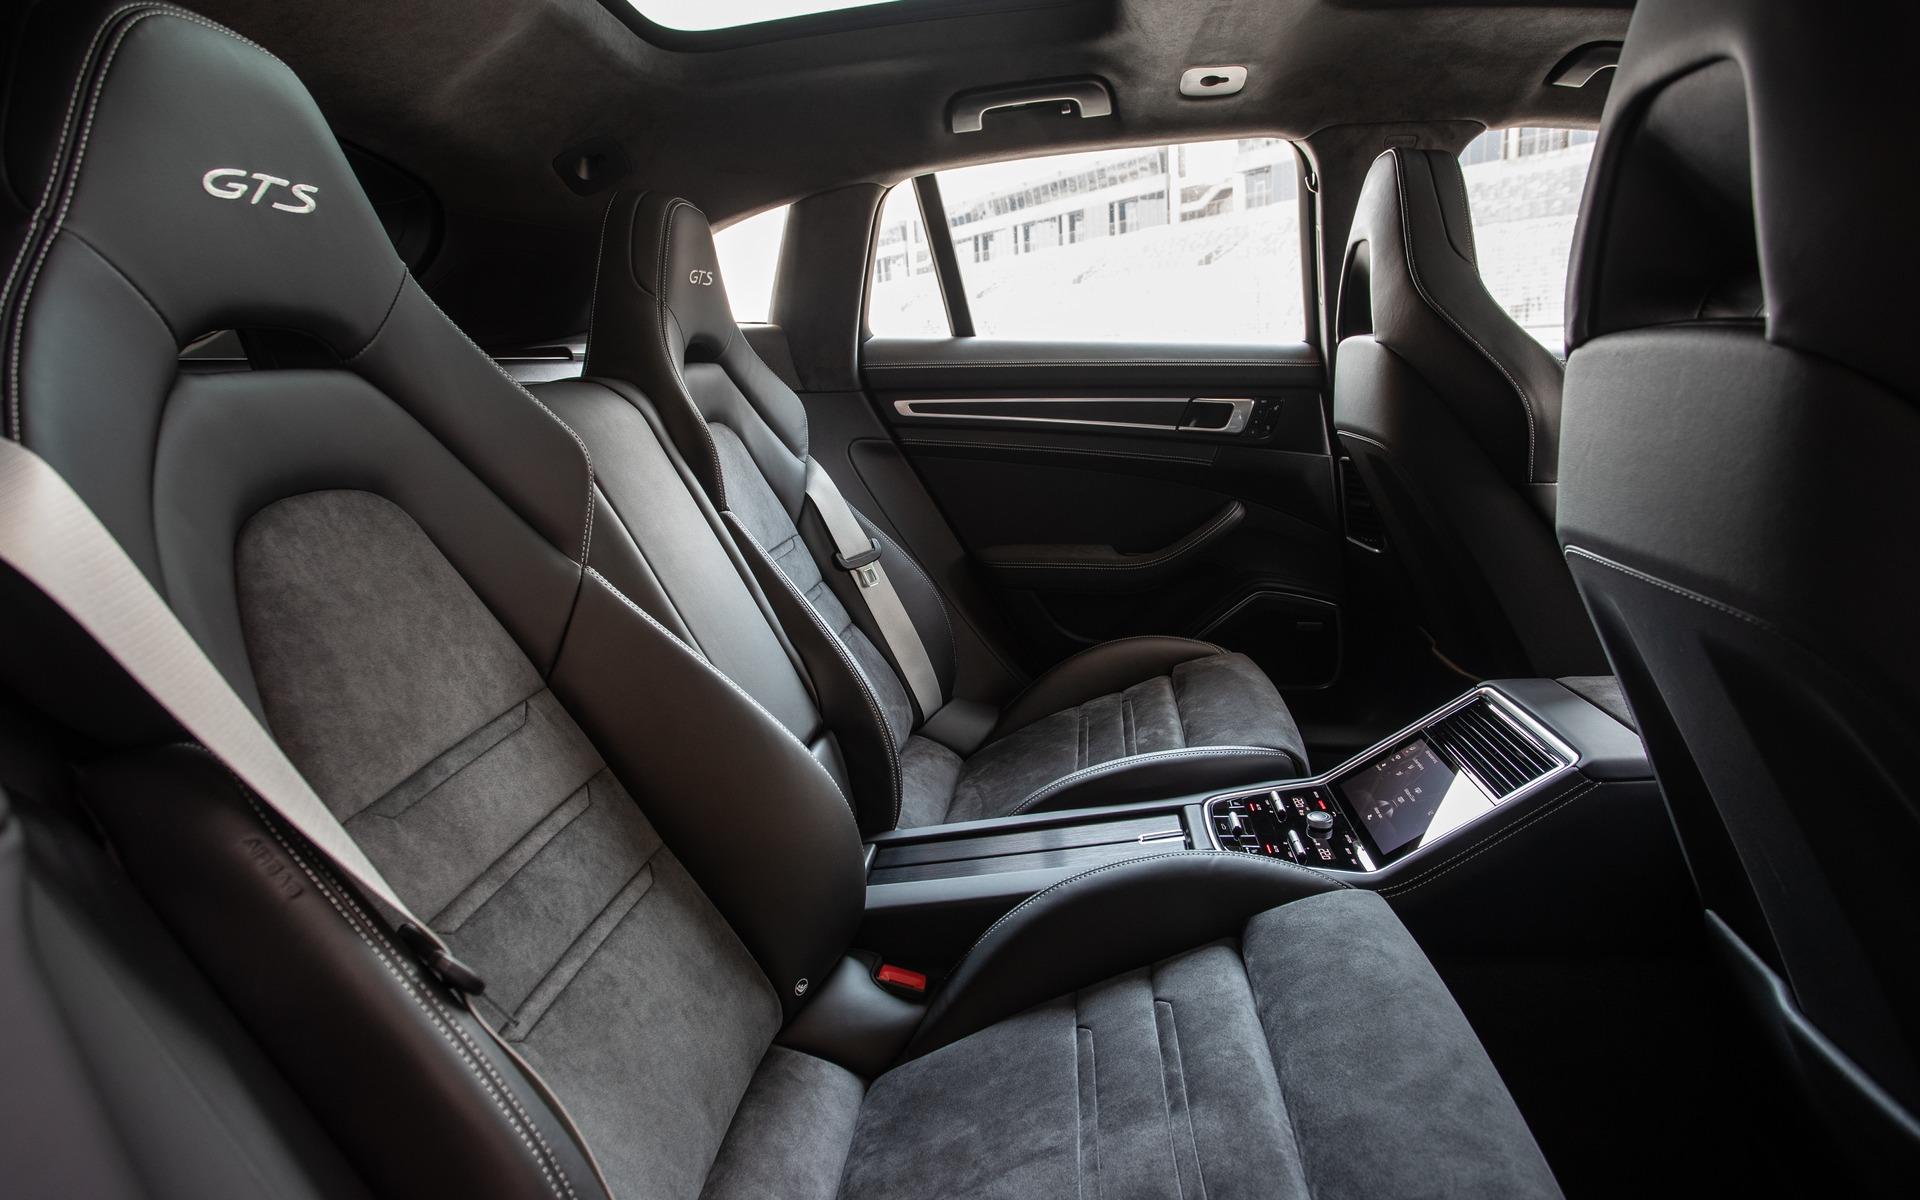 Porsche Panamera GTS 2019 : l'ADN d'une sportive, le luxe en prime 353520_2019_Porsche_Panamera